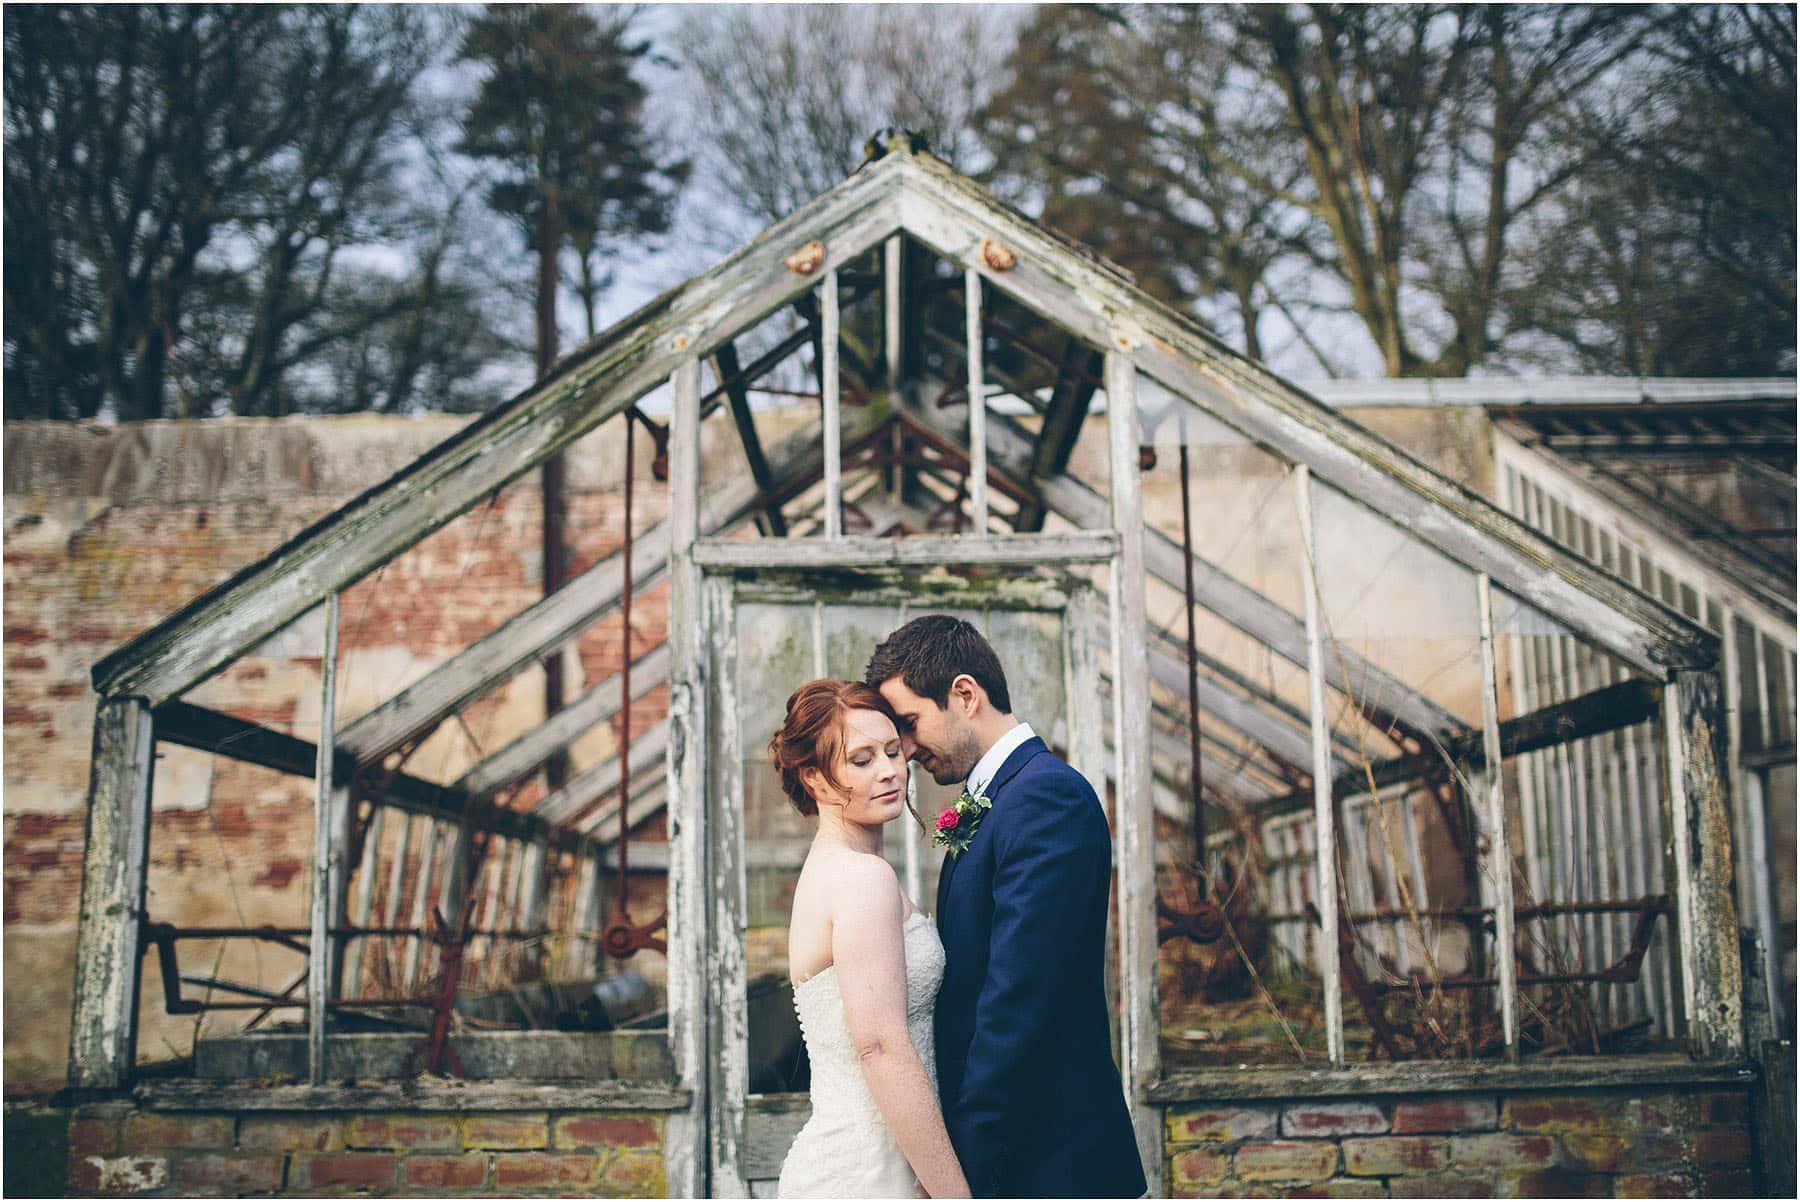 Fasque_House_Wedding_Photography_0084